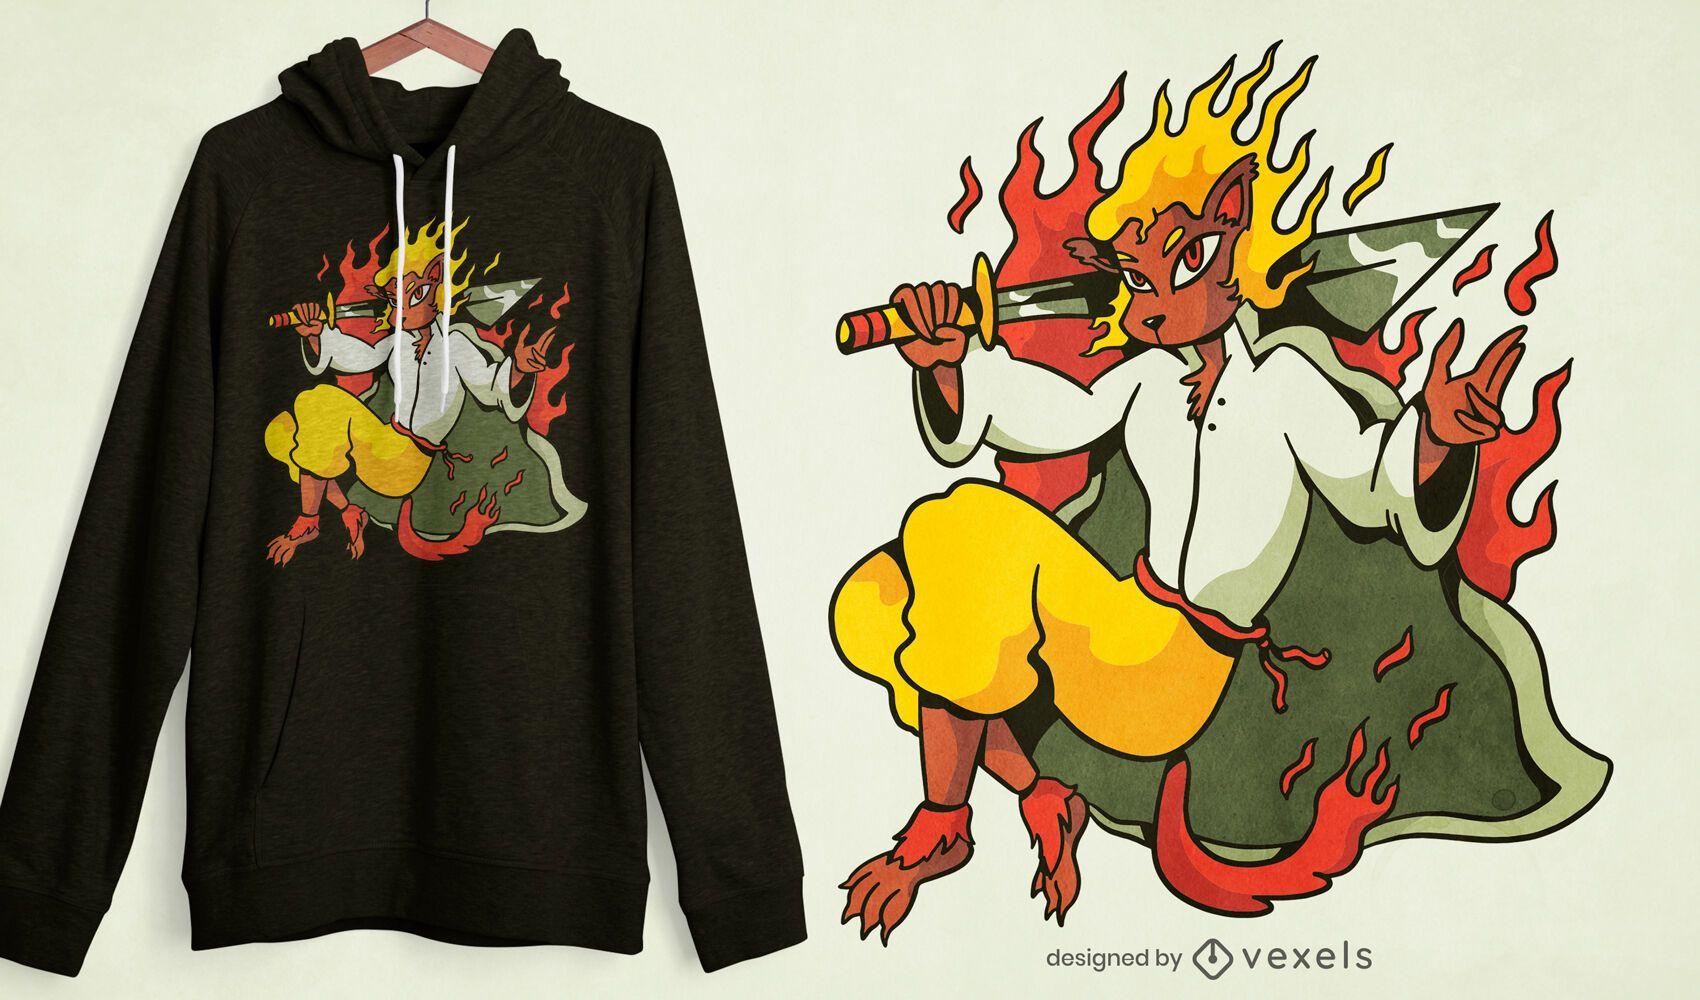 Diseño de camiseta fire leon warrior